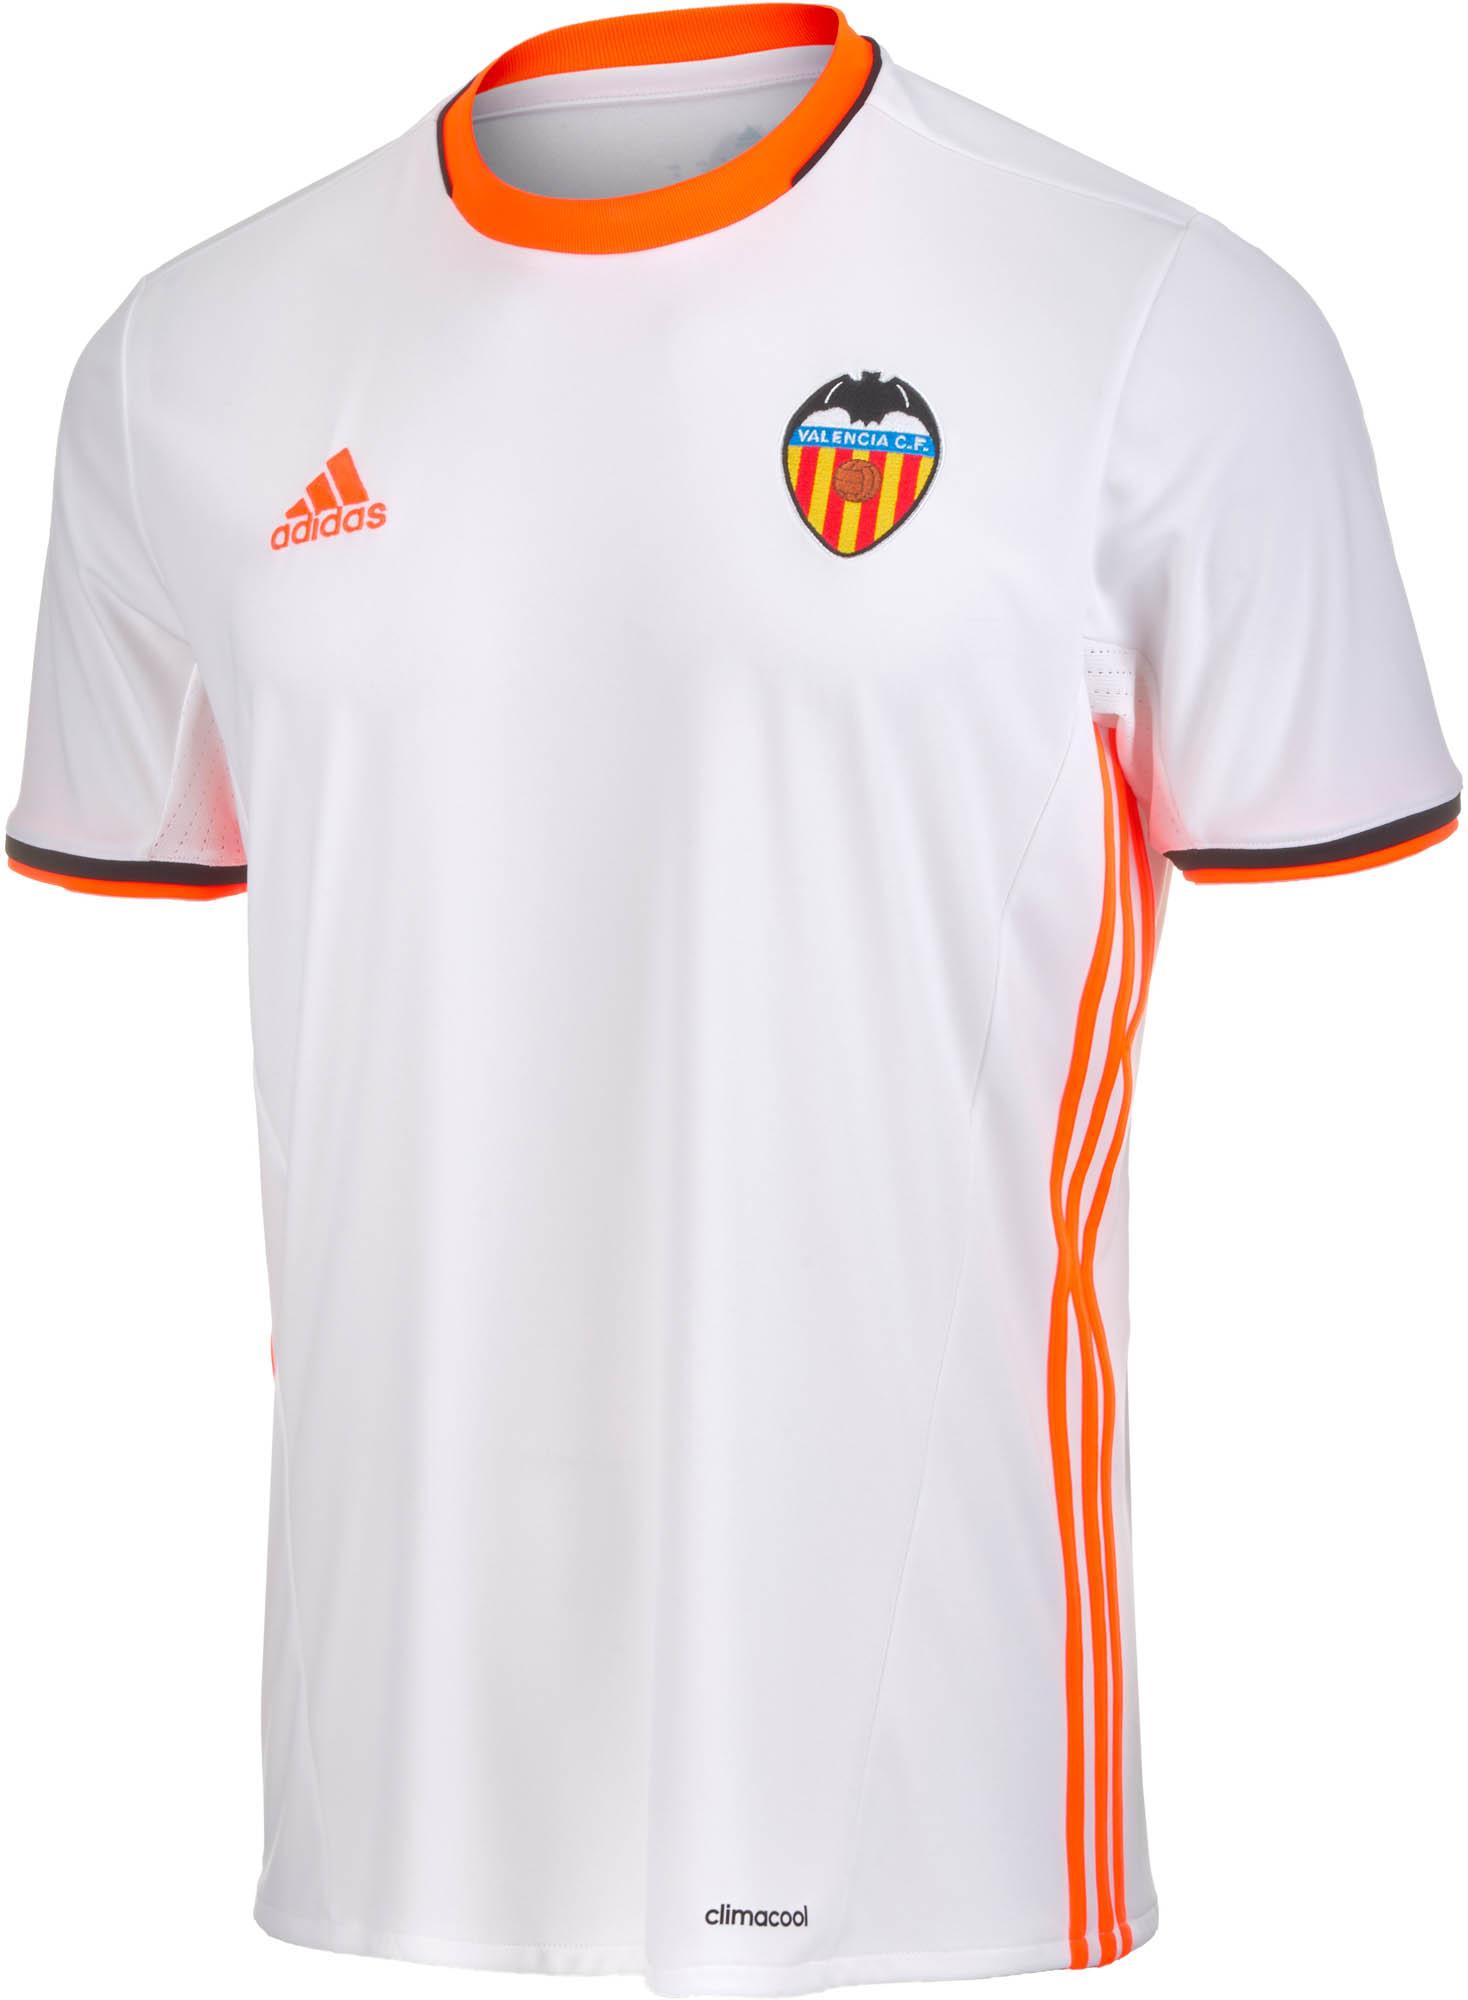 adidas Valencia Home Jersey - 2016 Valencia Soccer Jerseys c1d86baa7